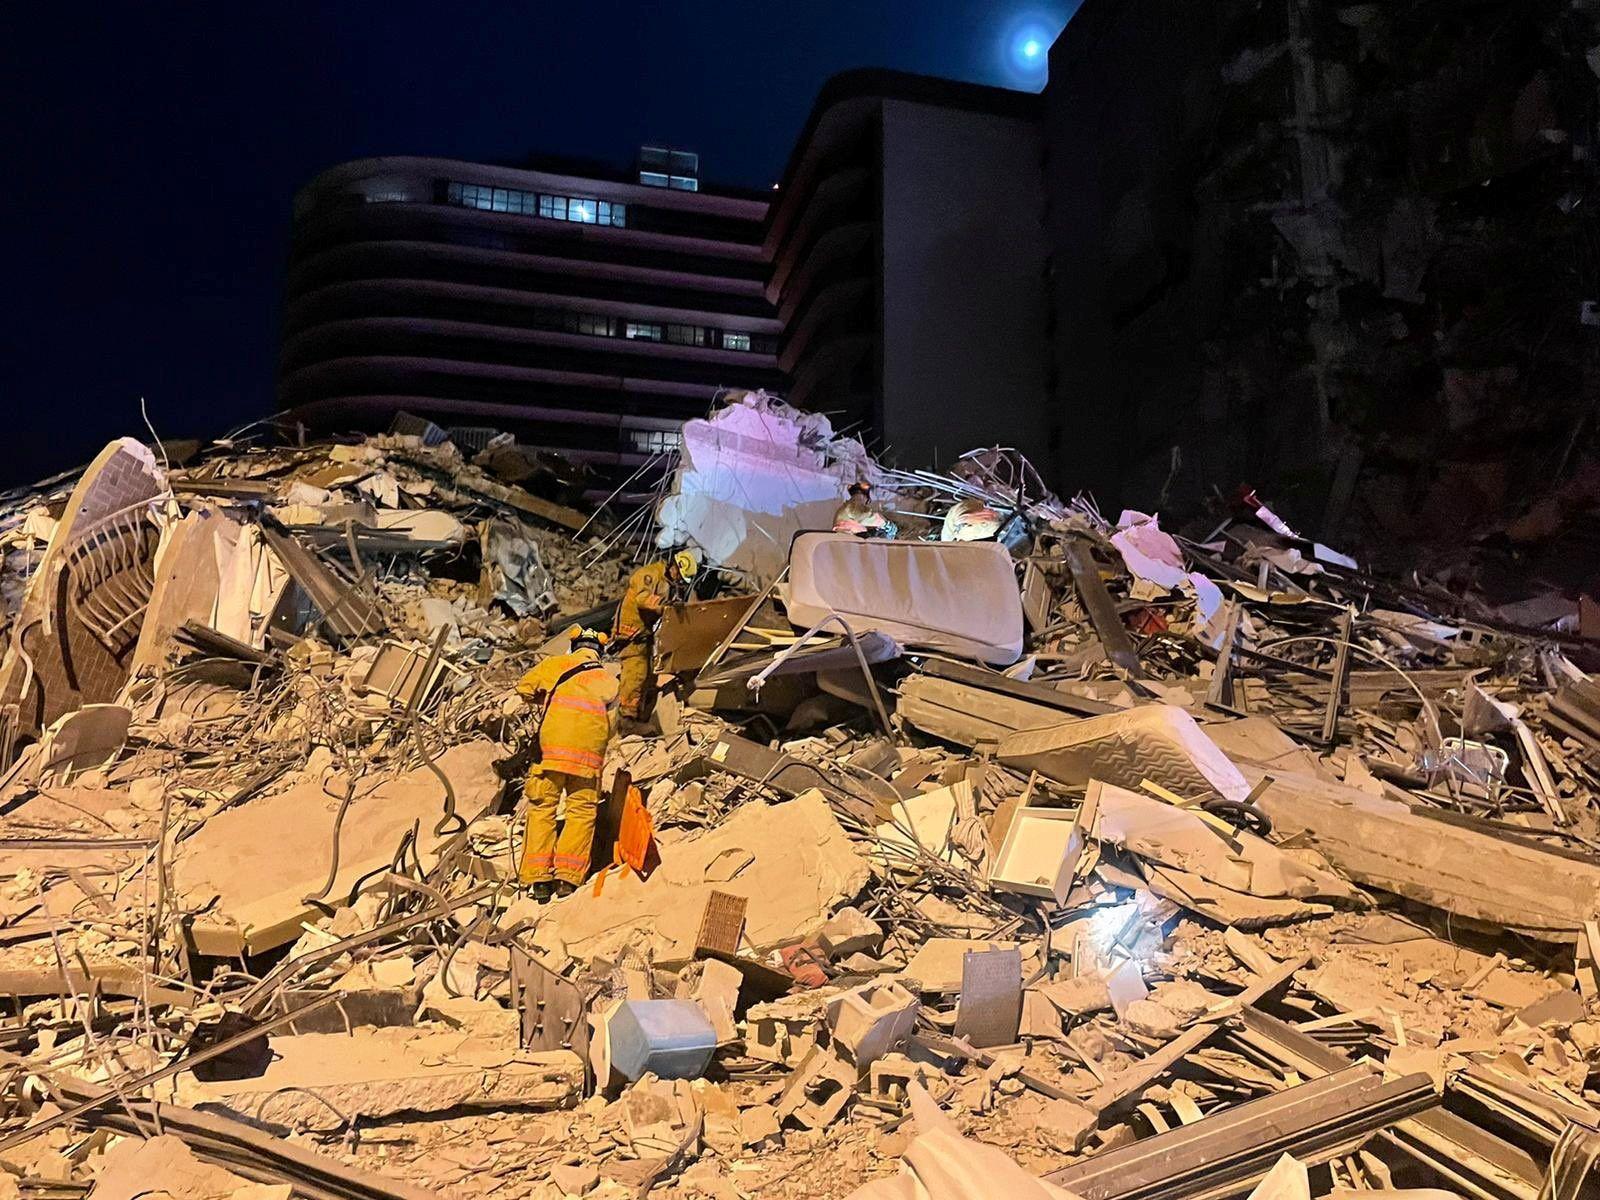 Espectacular derrumbe de un edificio en Miami